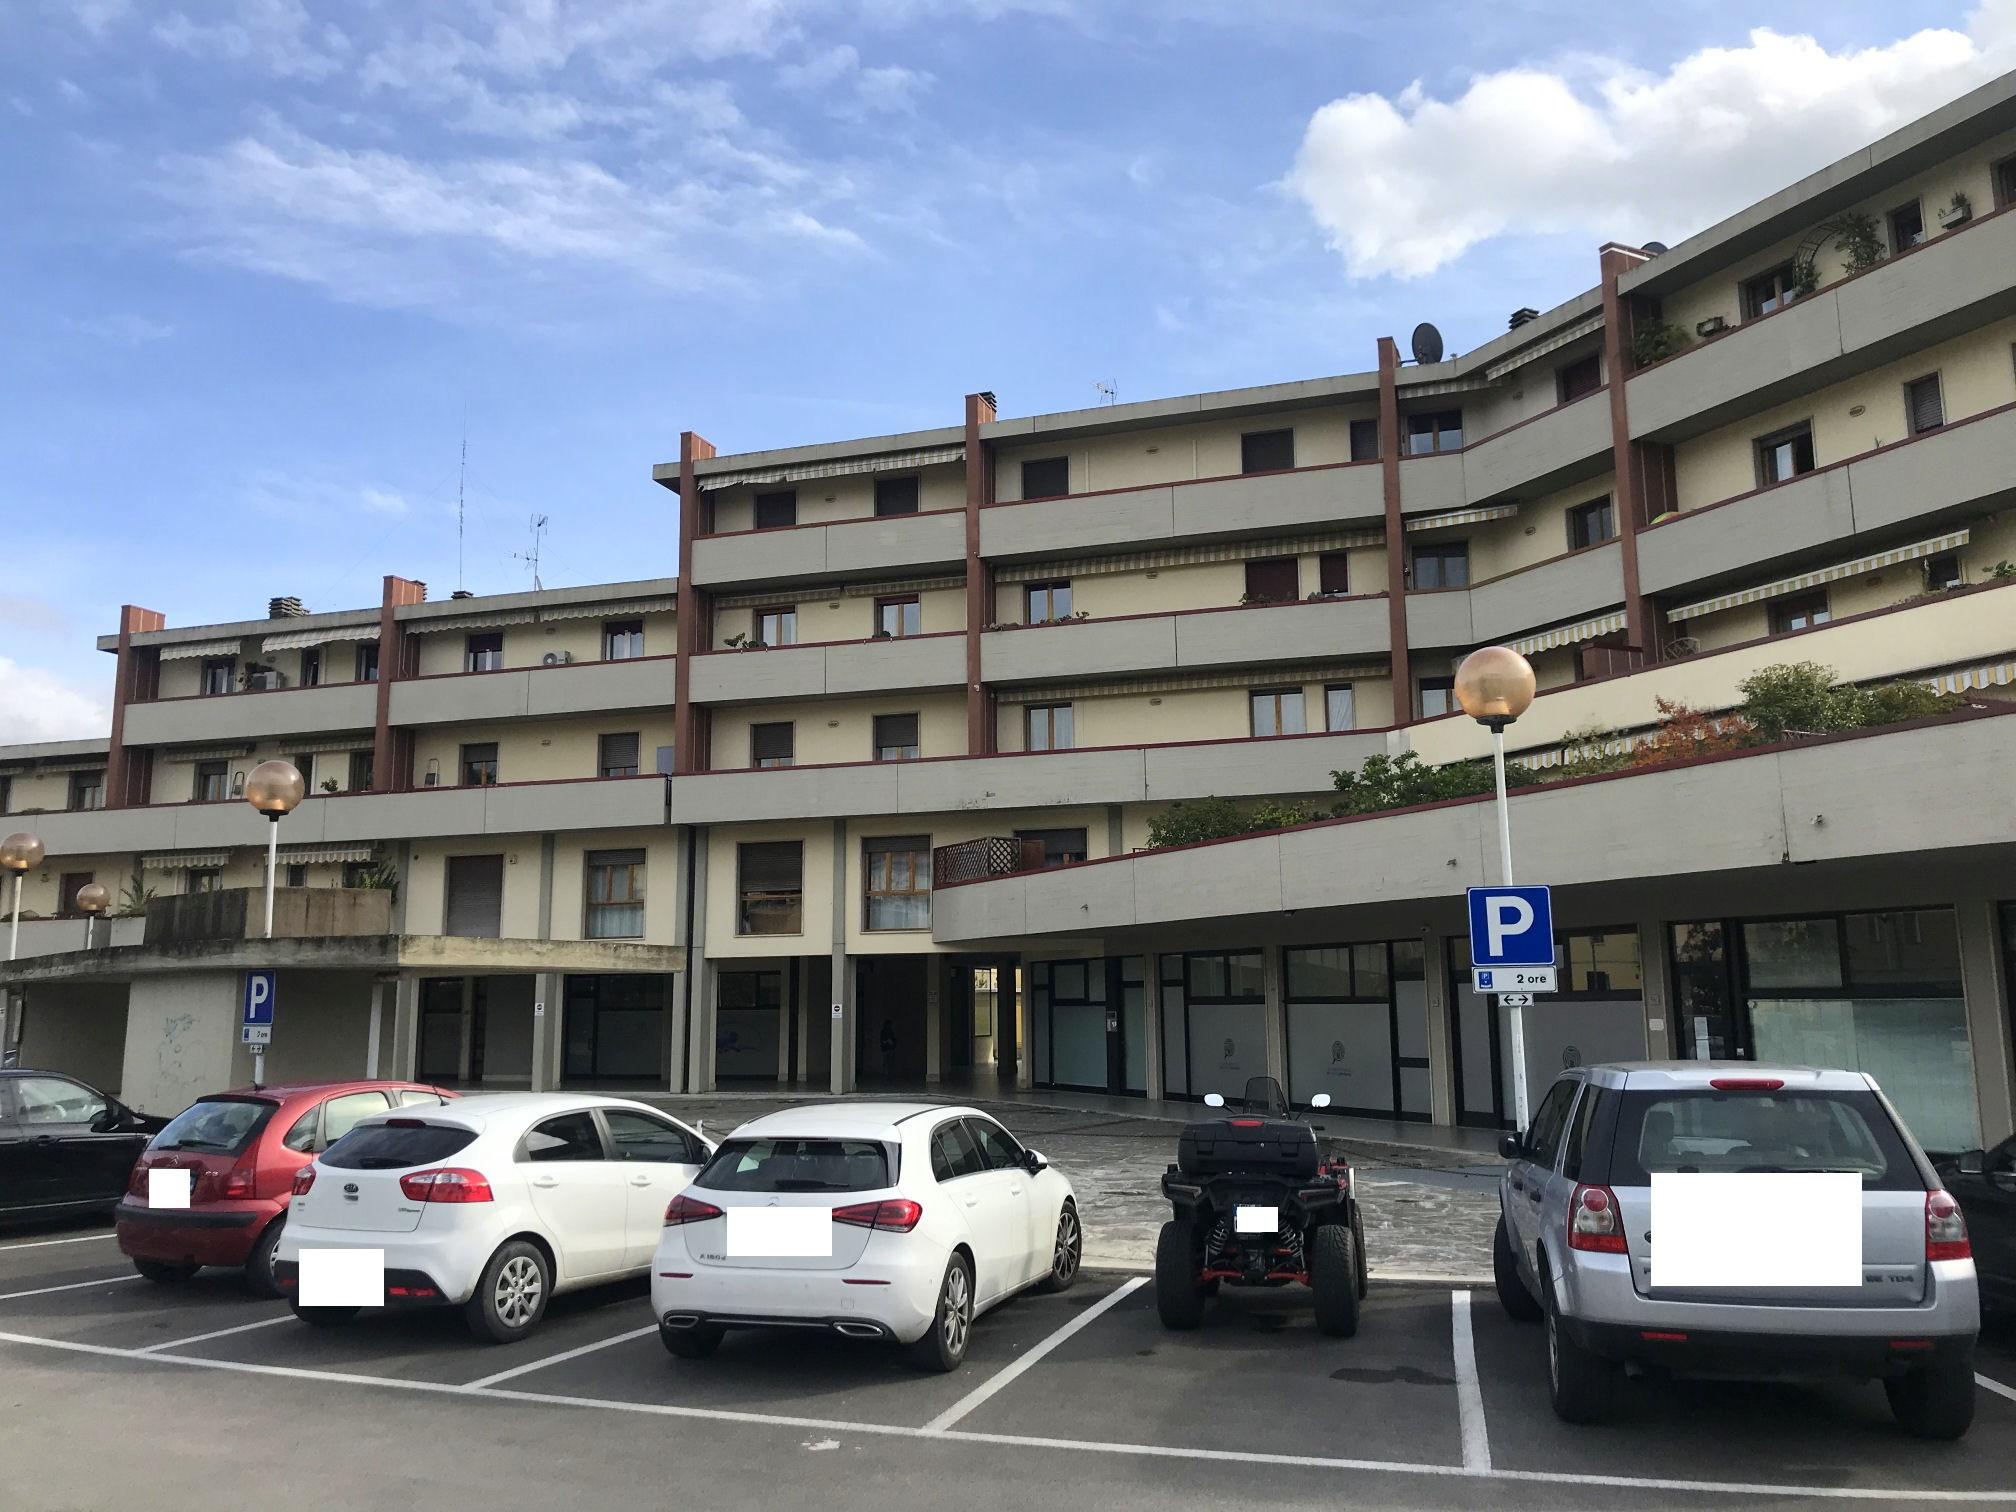 Arezzo. Via Bologna. Appartamento 2 locali attualmente uso ufficio trasformabile in civile abitazione, con terrazza e garage.